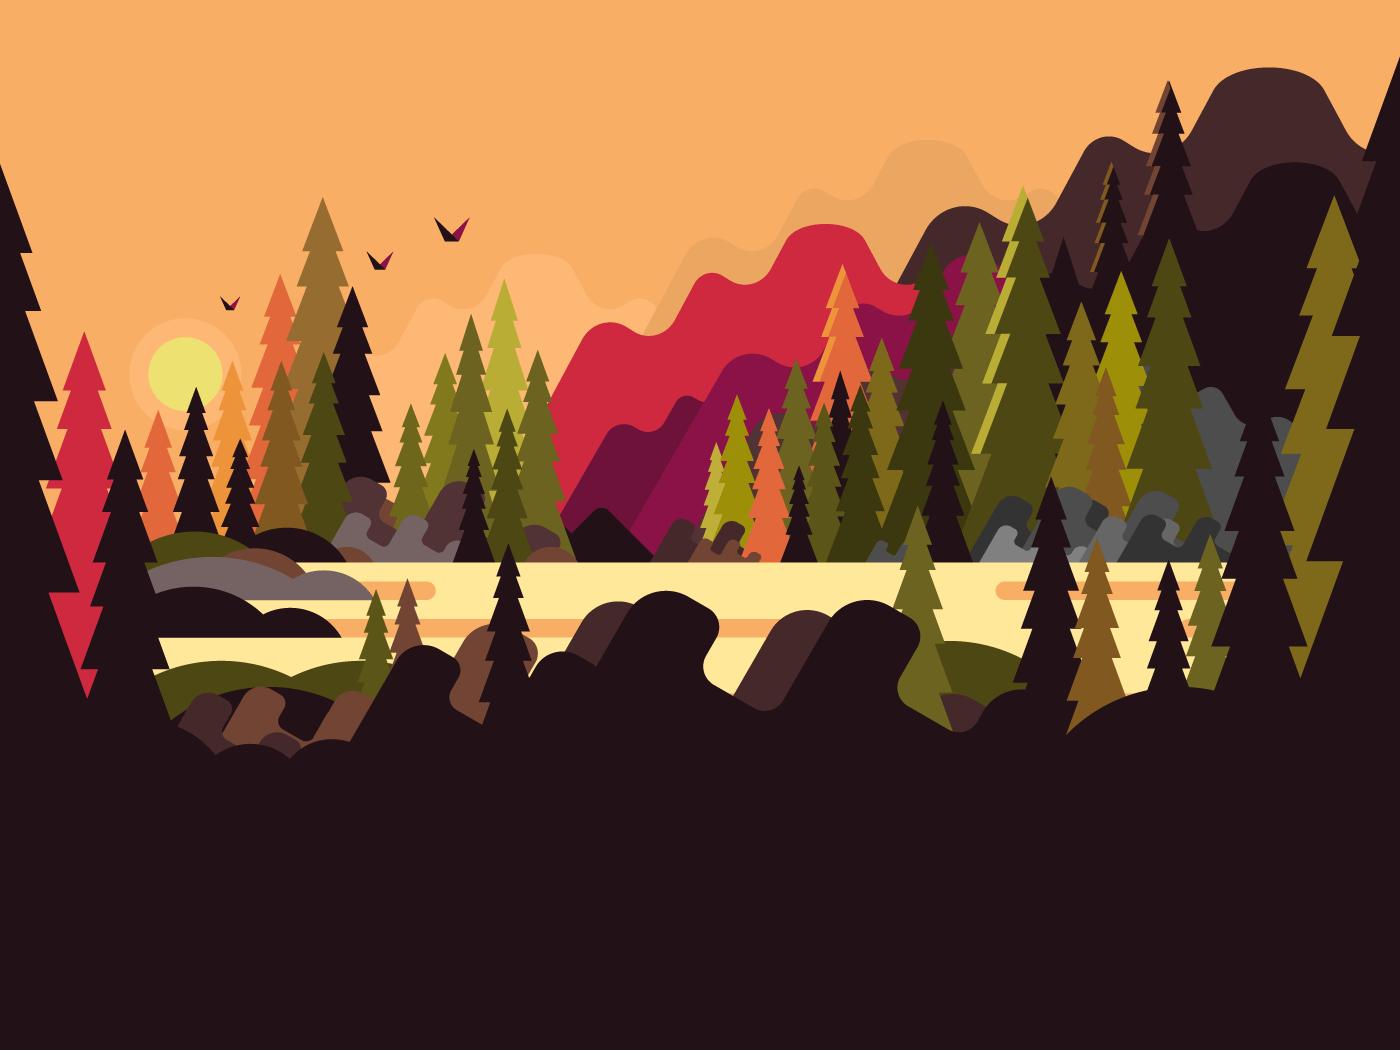 Landscape forest flat vector illustration